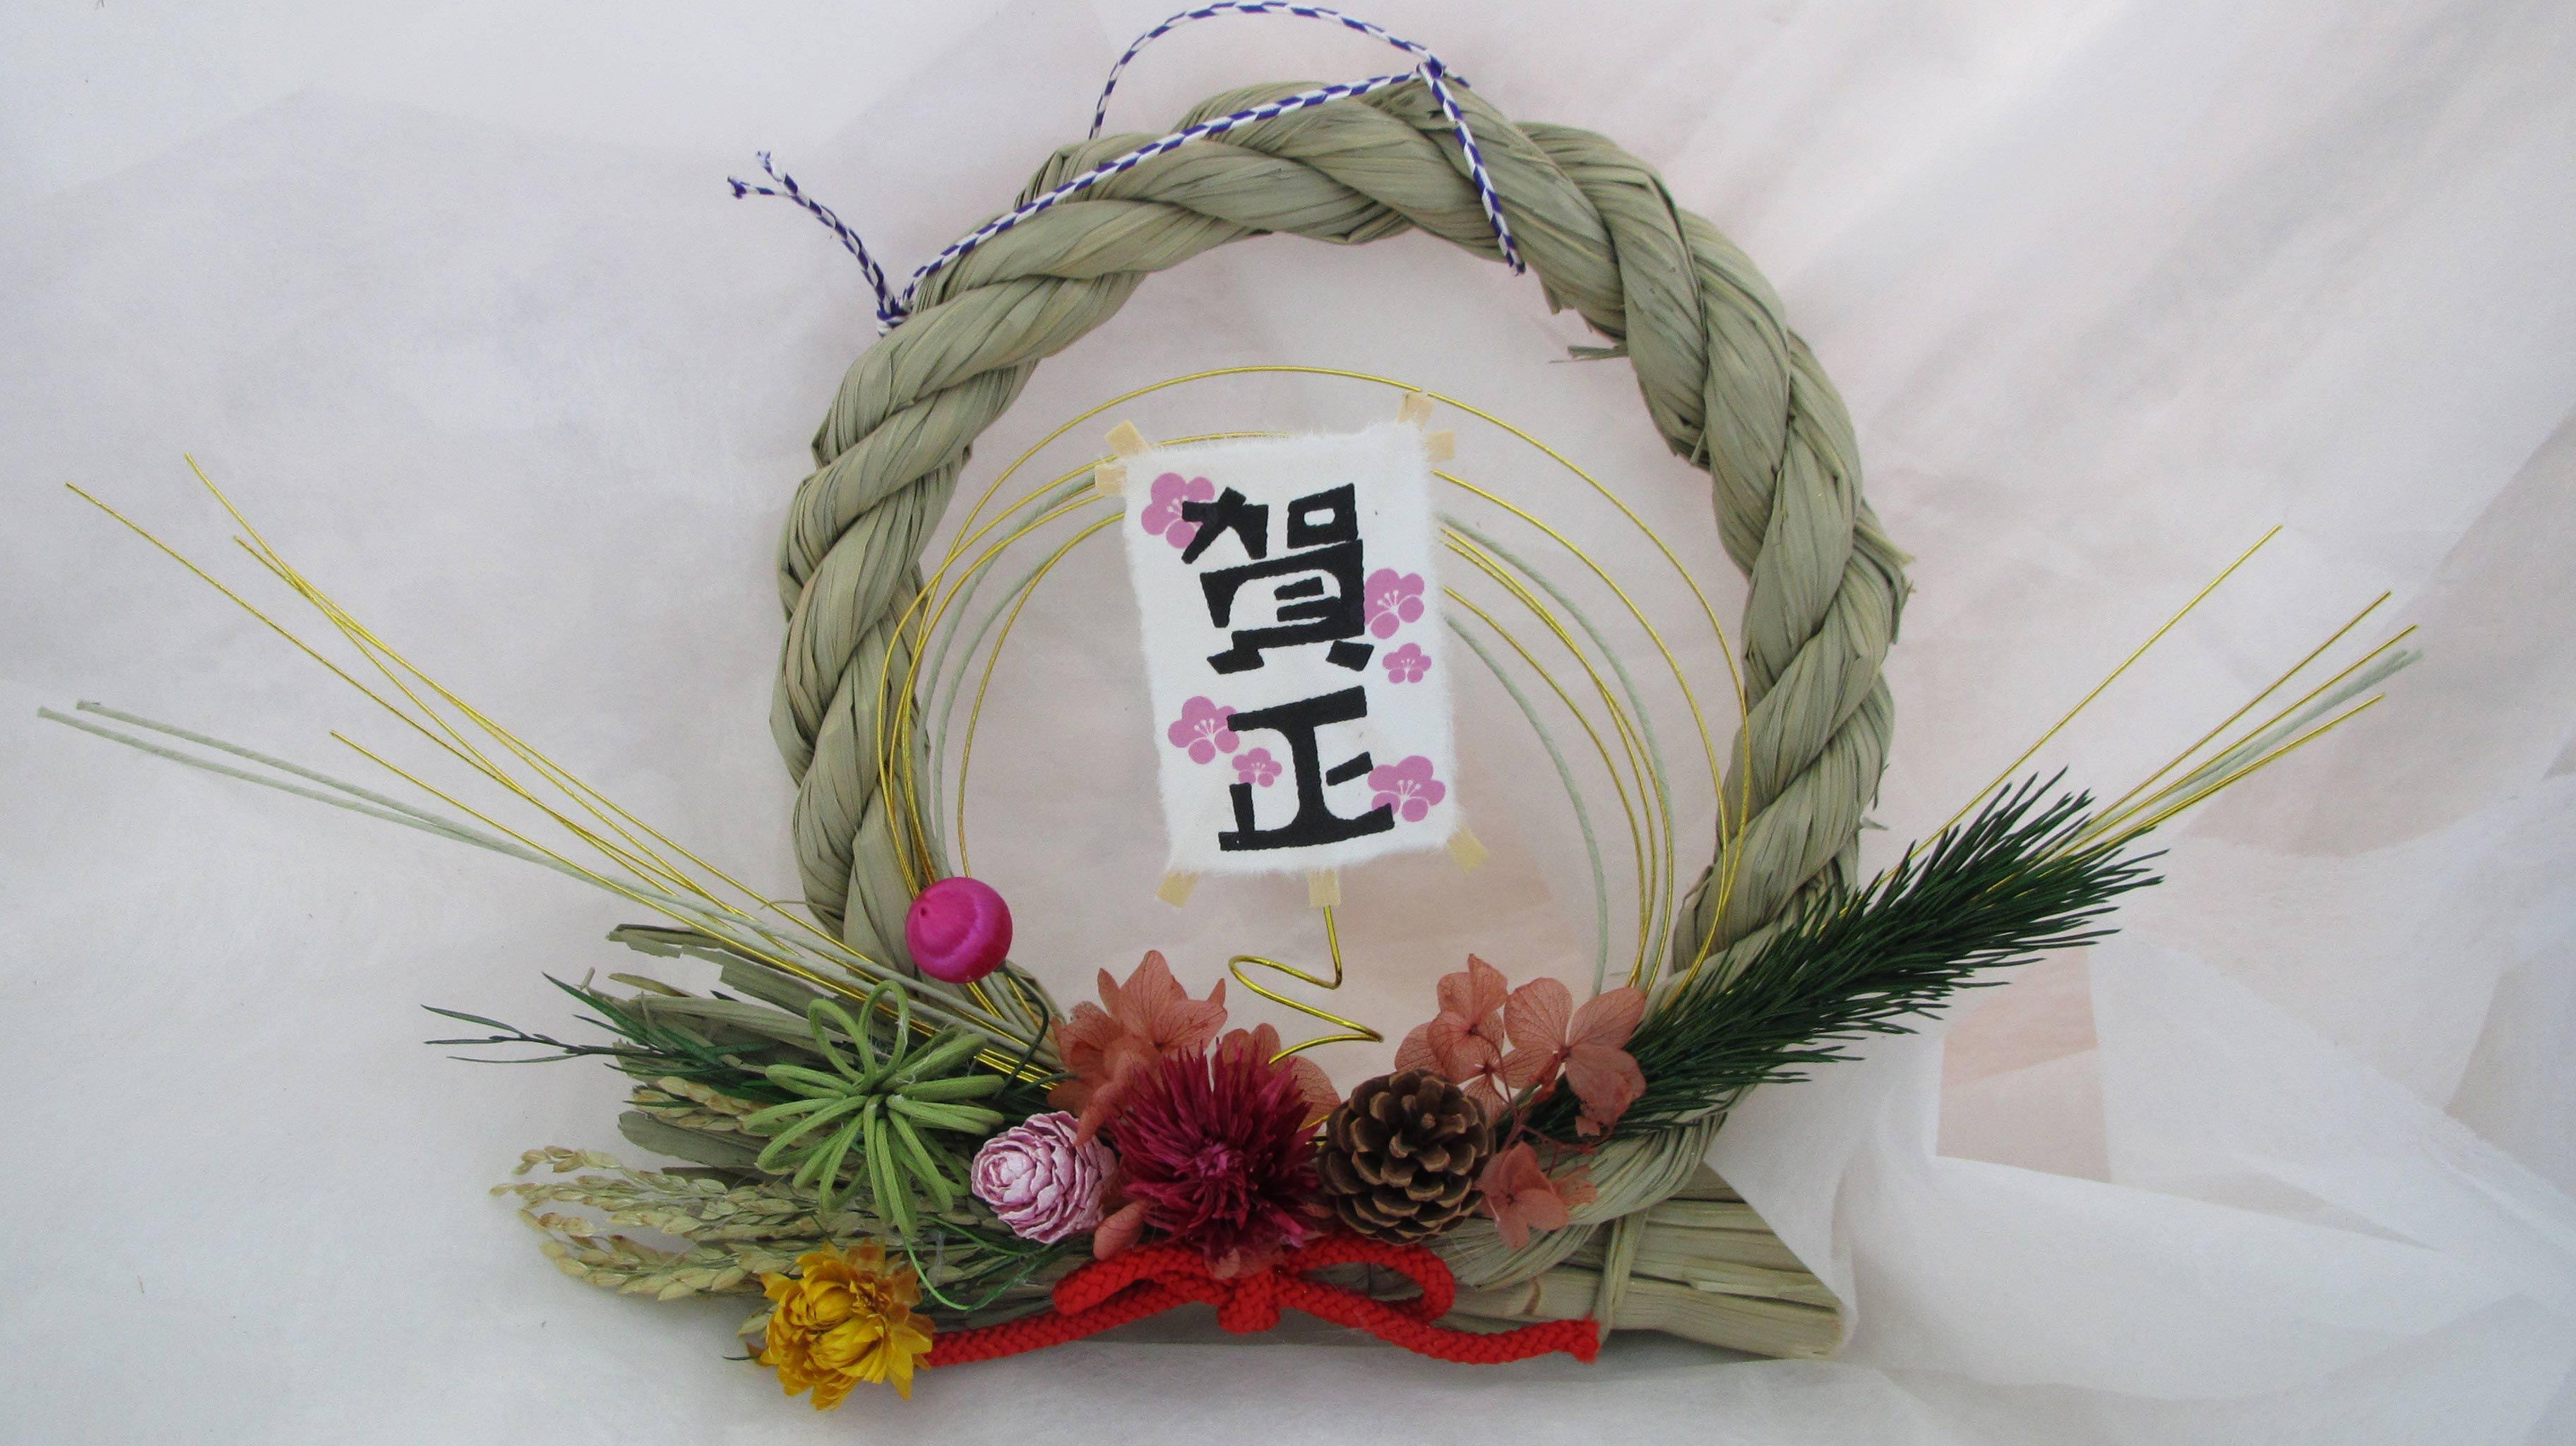 【かんたん】お正月飾りを手作りしてみませんか?【おしゃれ】のサムネイル画像